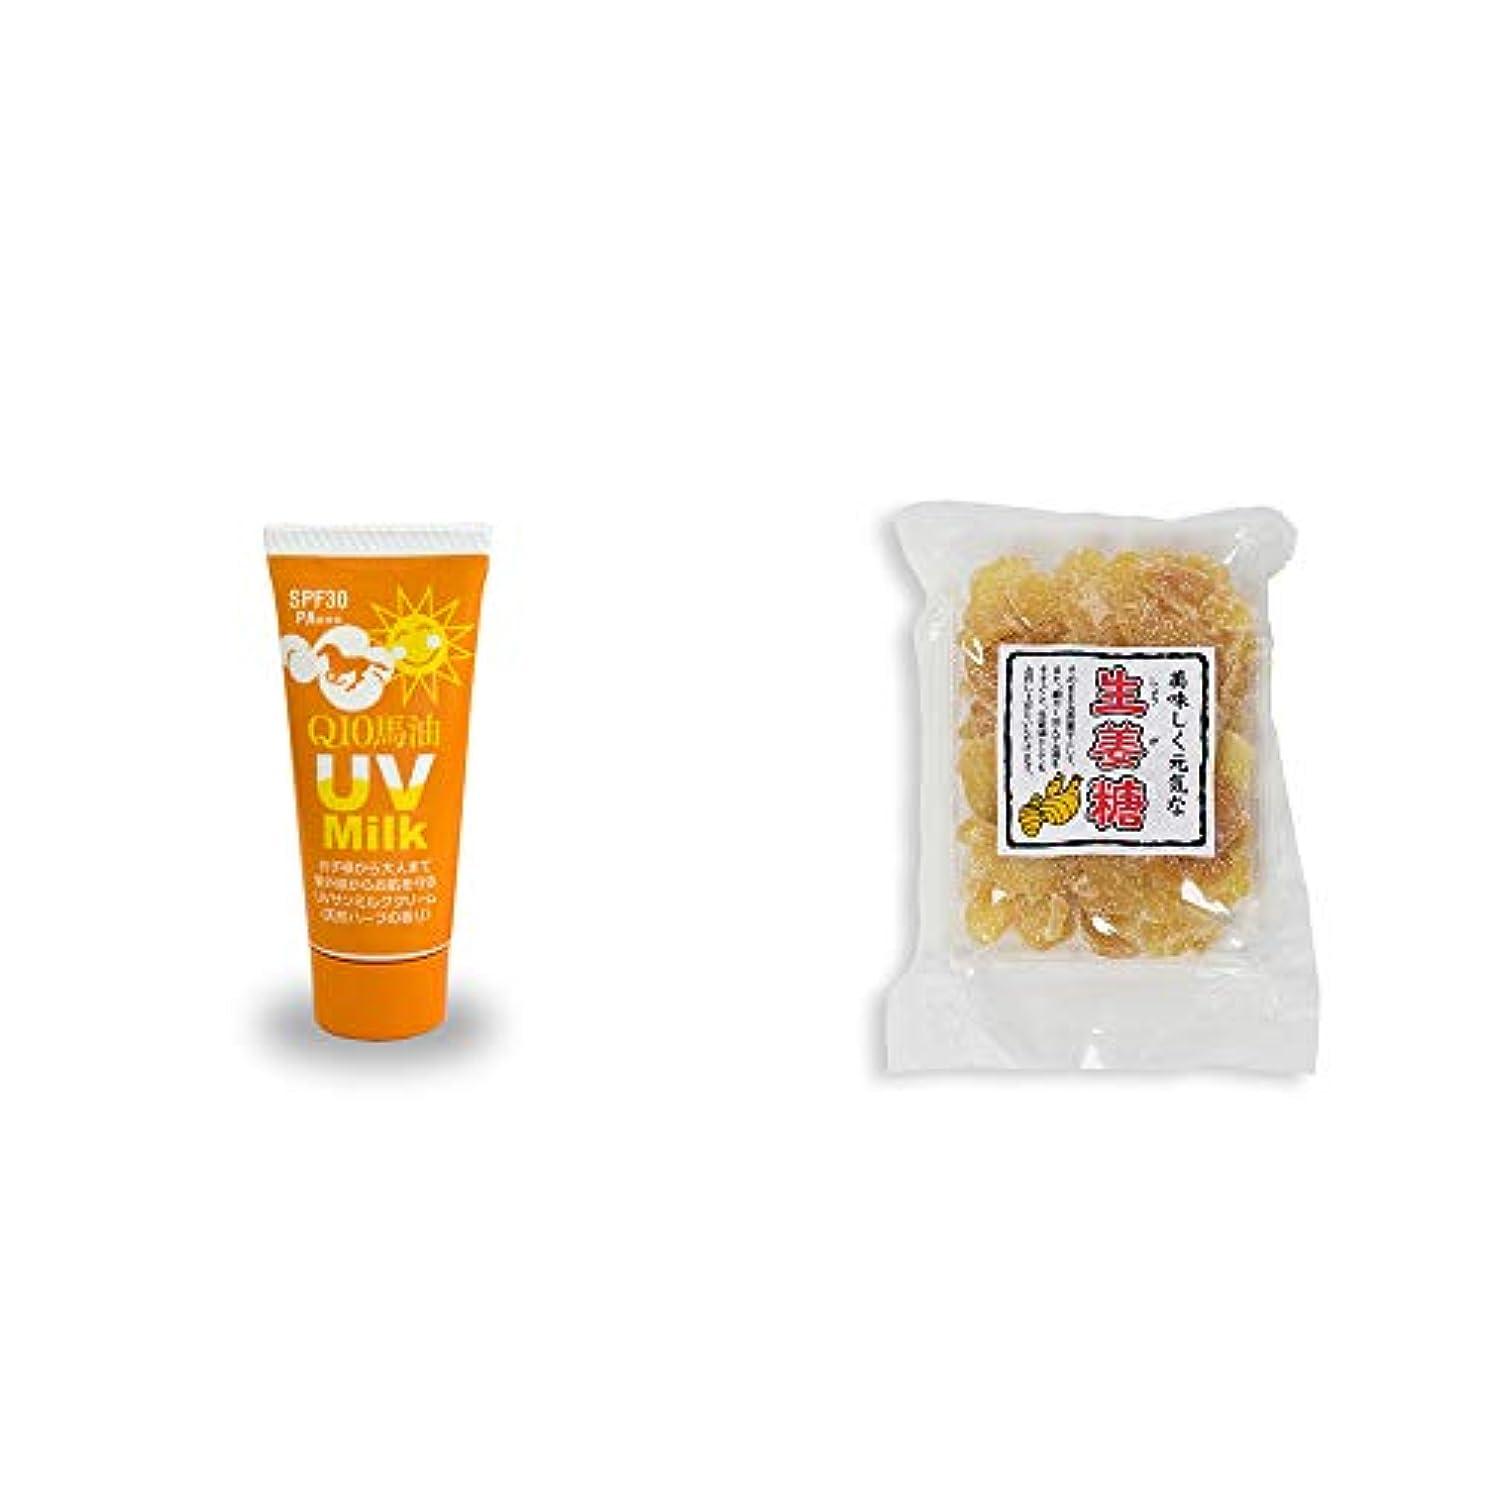 ソート次トランク[2点セット] 炭黒泉 Q10馬油 UVサンミルク[天然ハーブ](40g)?生姜糖(230g)